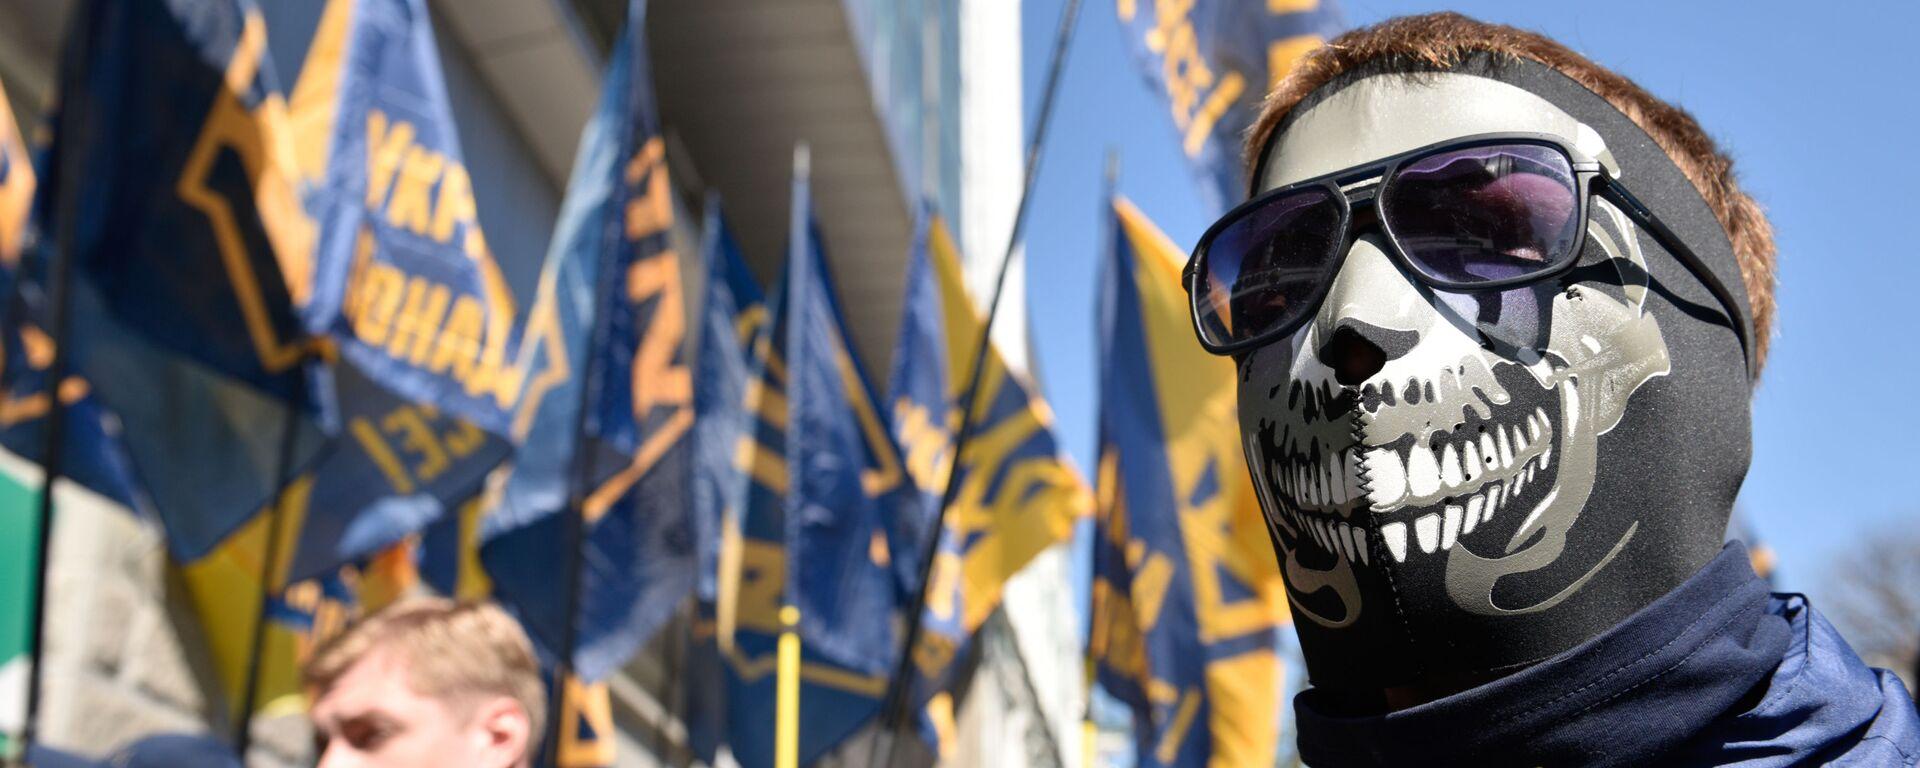 Участники радикальных движений в Киеве, архивное фото - Sputnik Latvija, 1920, 01.06.2019